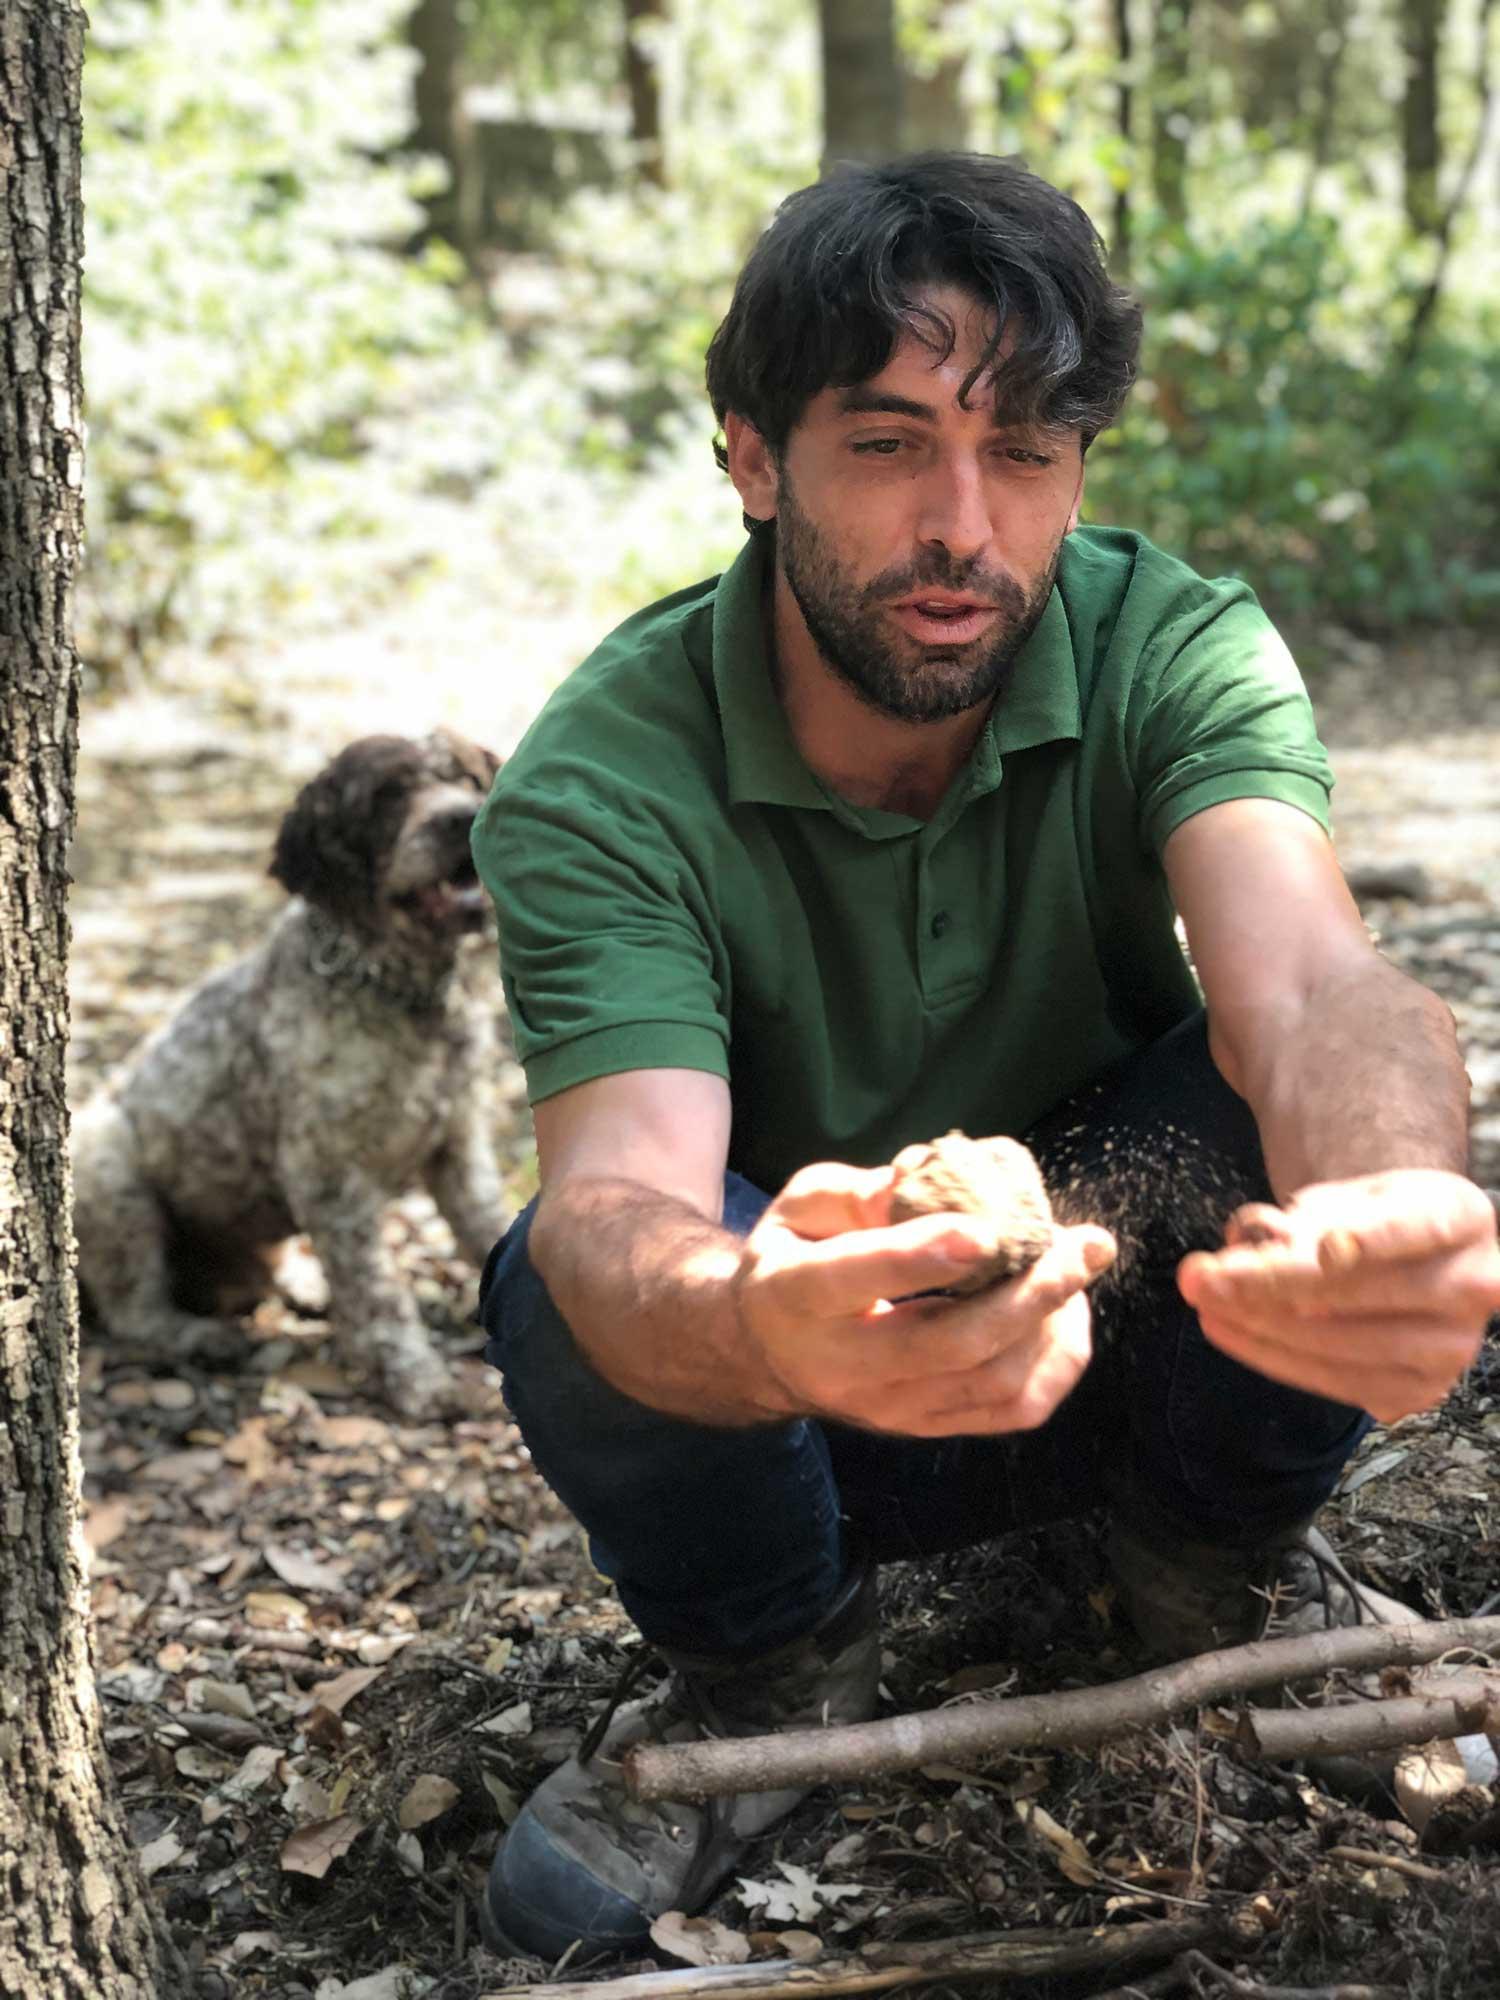 jacopo-truffle-hunter-tuscany-tartufo.jpg